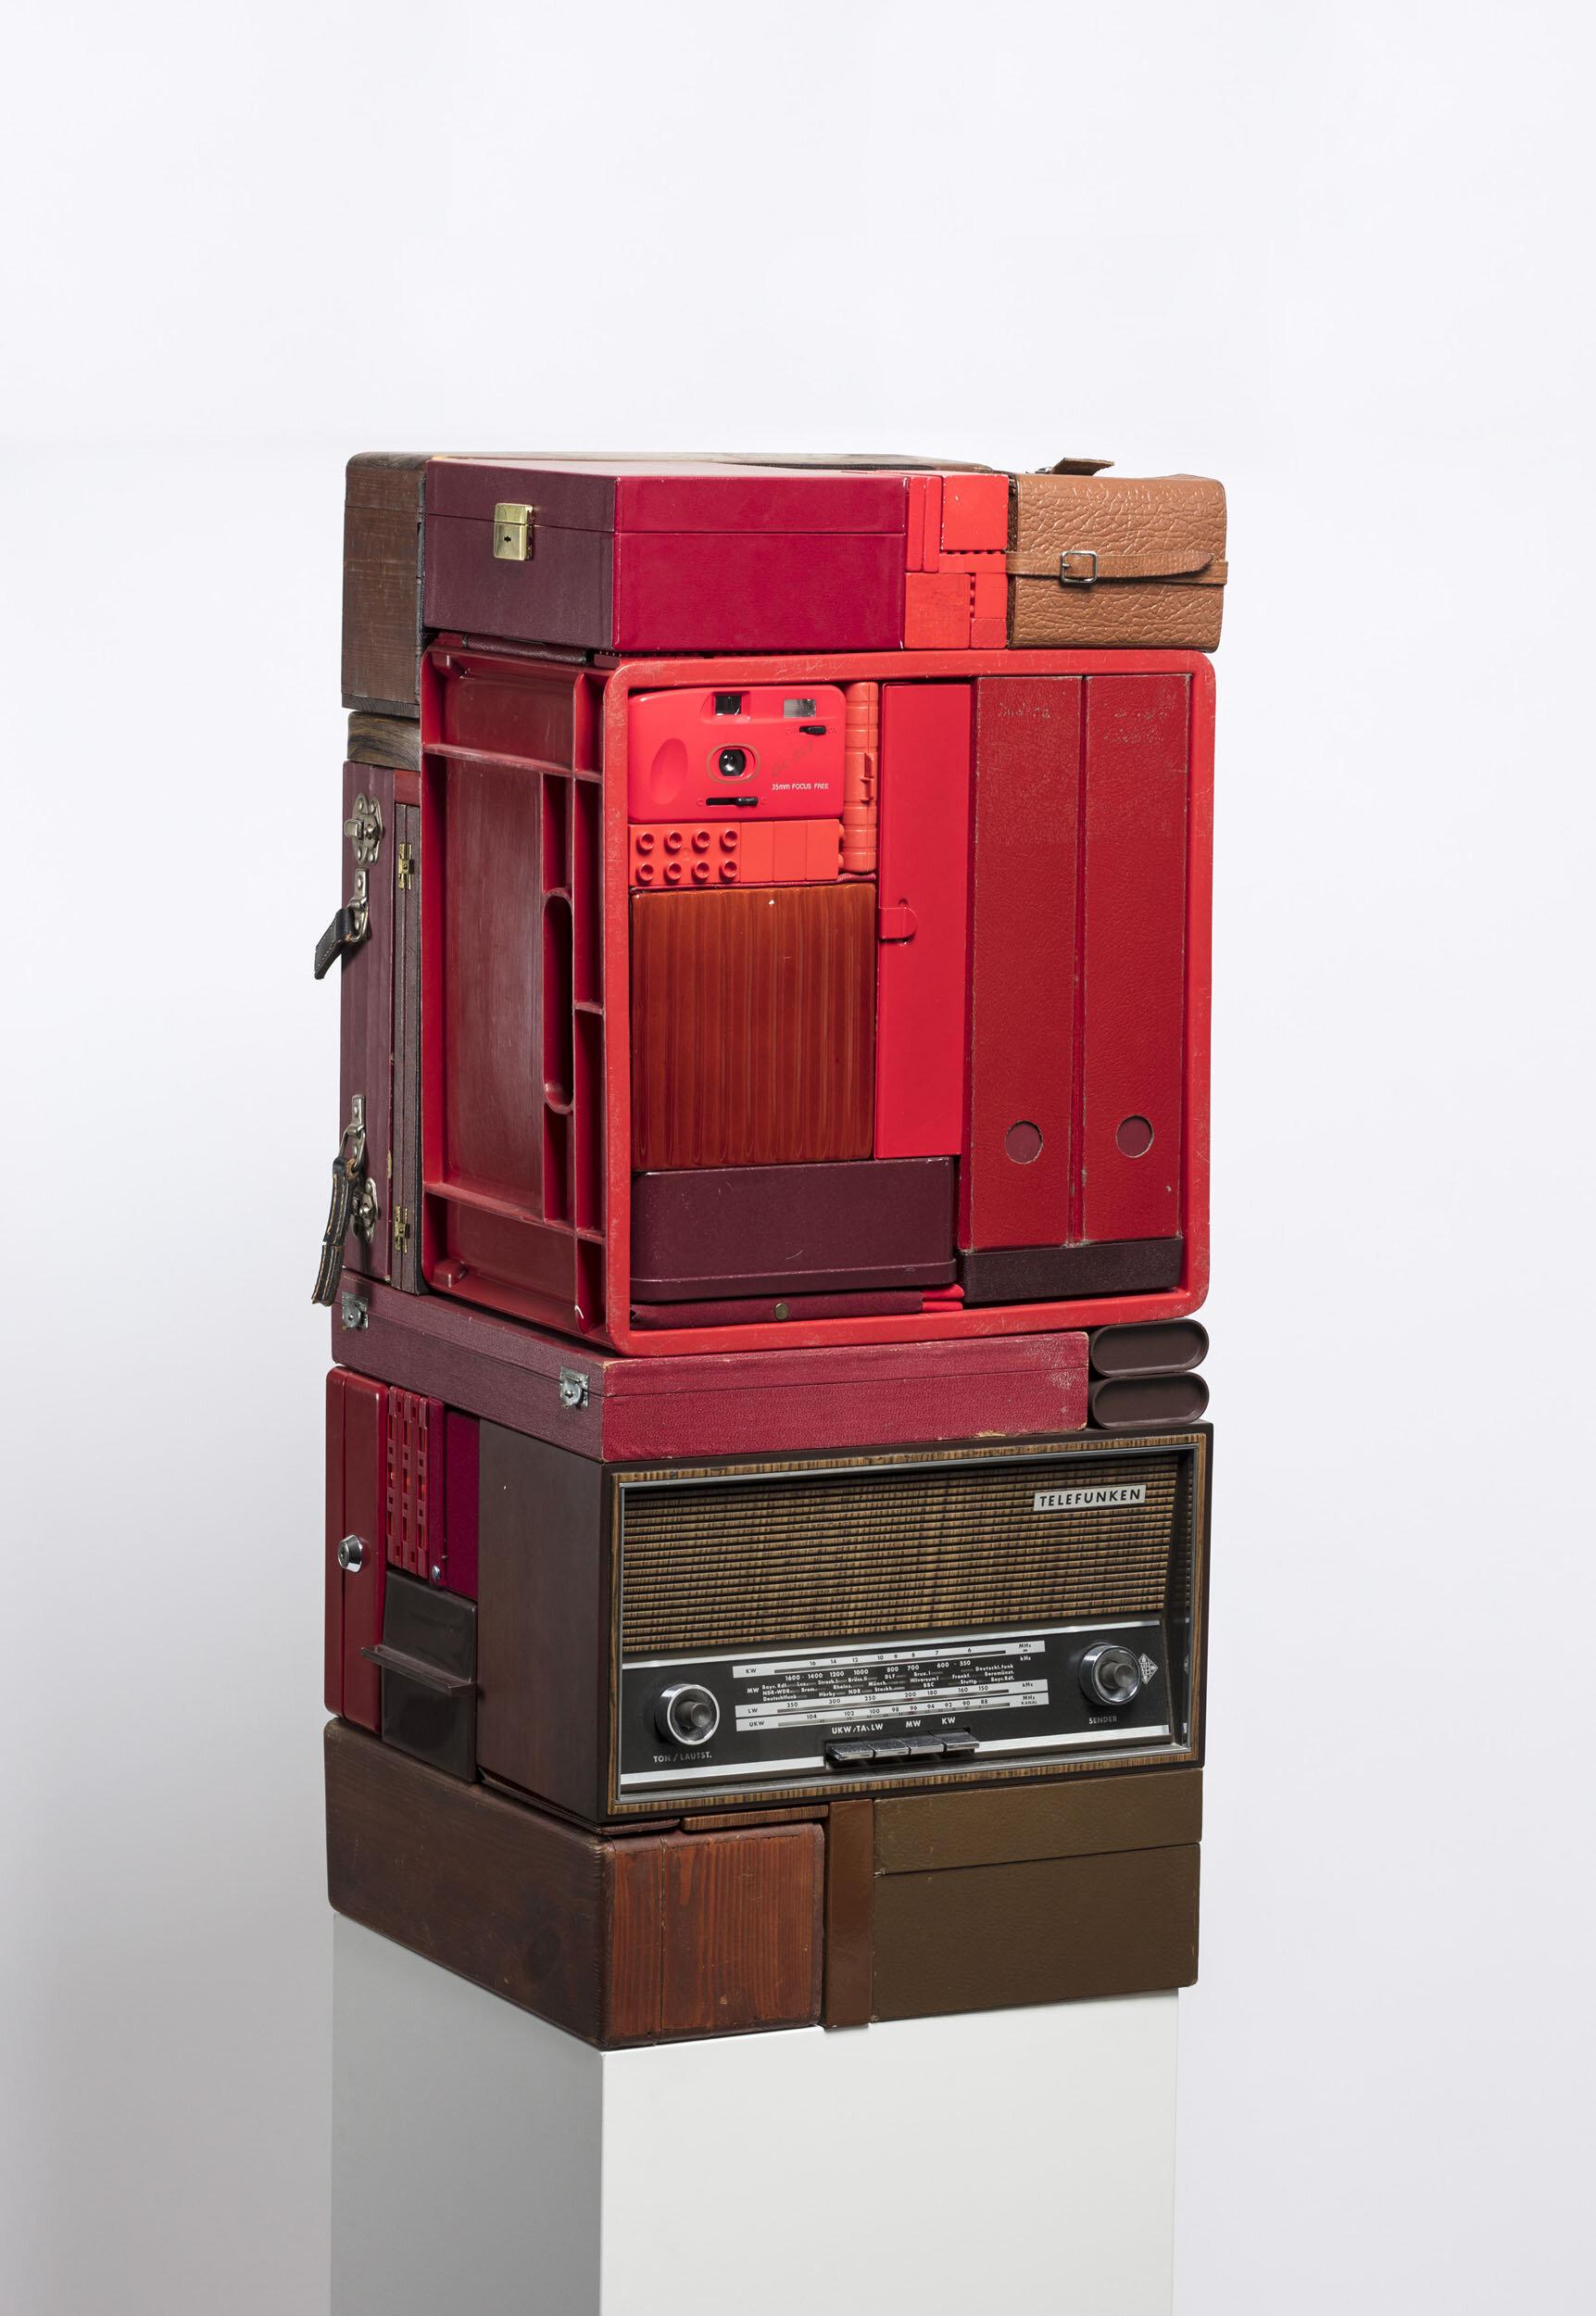 Michael Johansson   Vertical Transistion in Red  2013 Signerad på etikett undertill  Skulptur, blandteknik/assemblage  83 x 36 x 36 cm